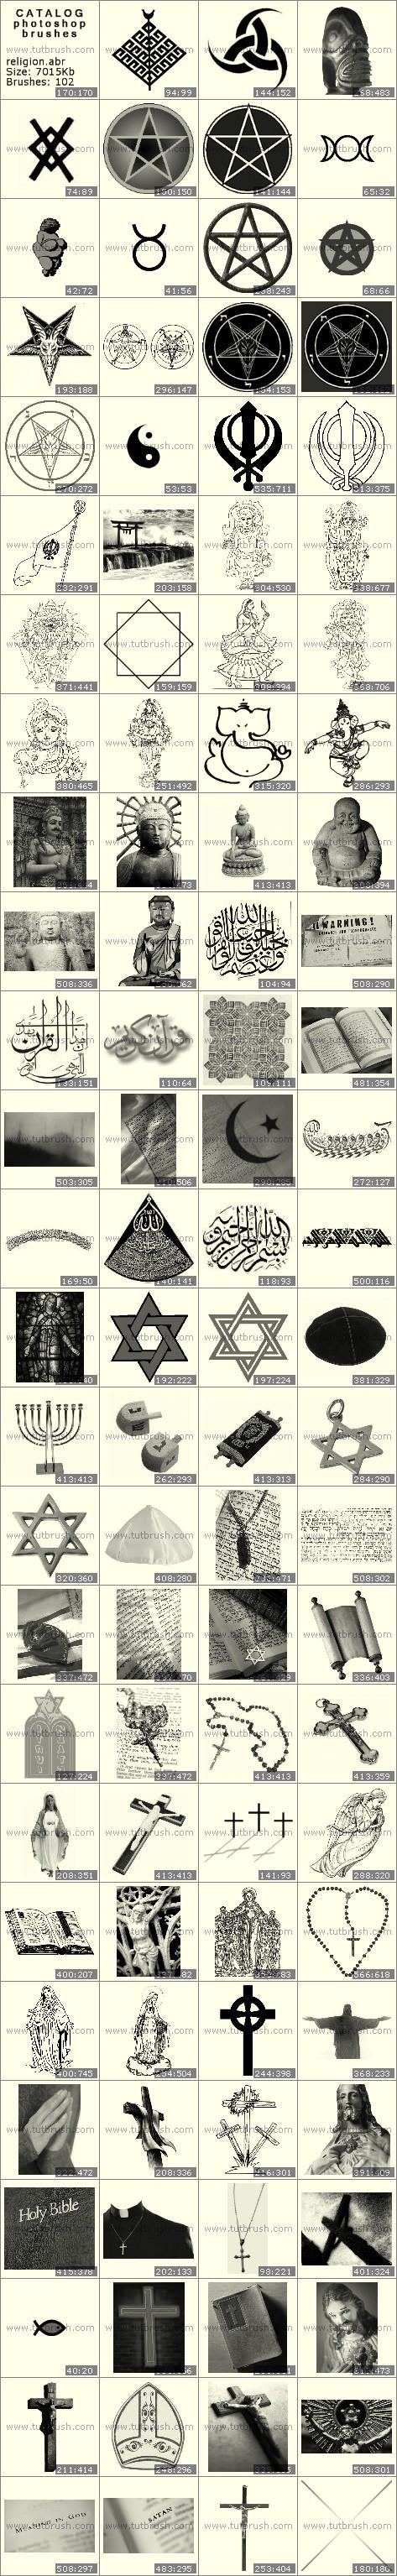 Photoshop brushes World Religions